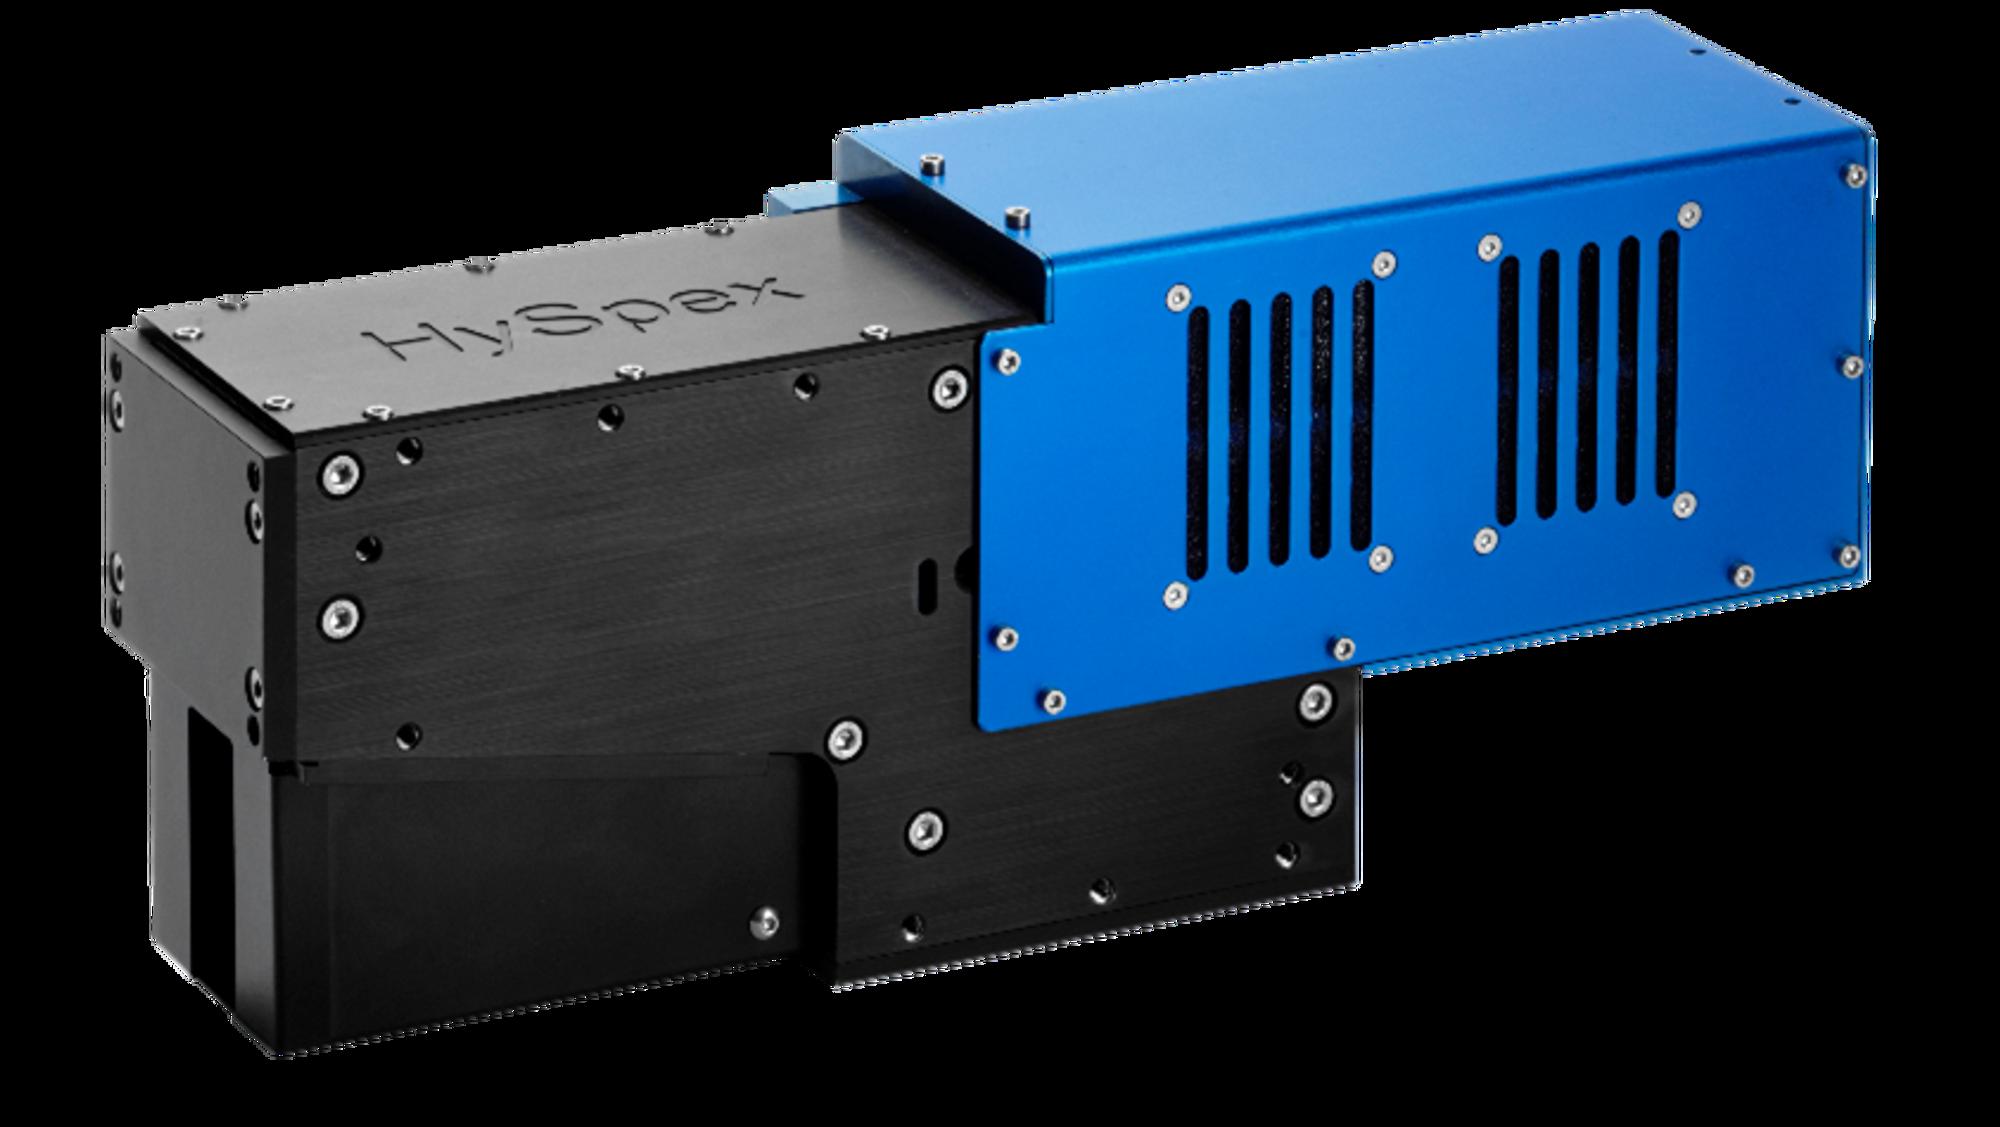 HySpex VNIR-1800: Er ett eksempel på et av HySpex sine klassiske hyperspektrale kamera. Det brukes primært som et verktøy i forskning